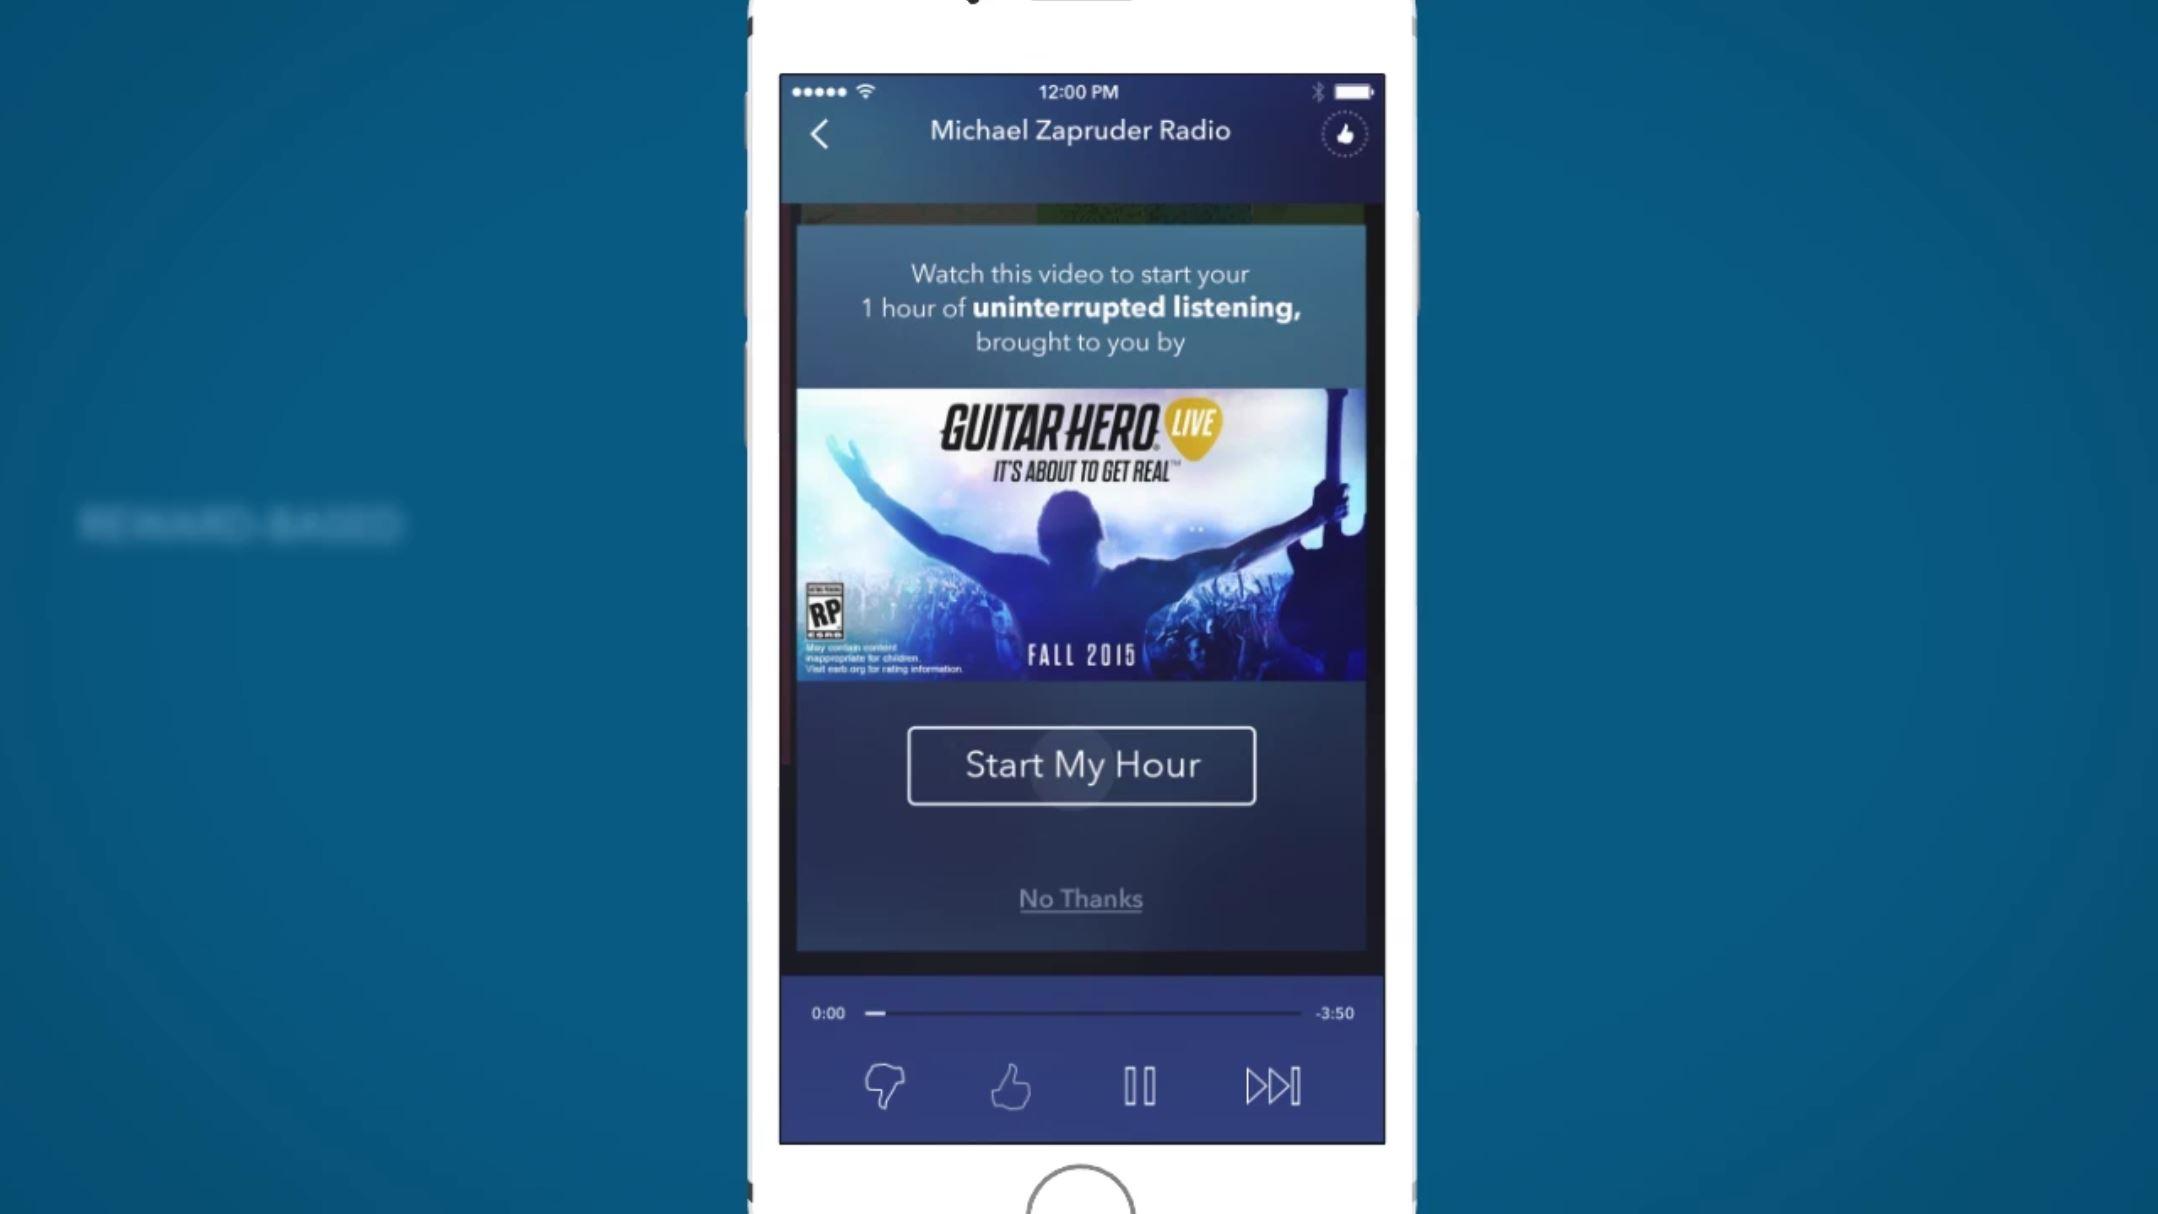 Pandora radio free trial